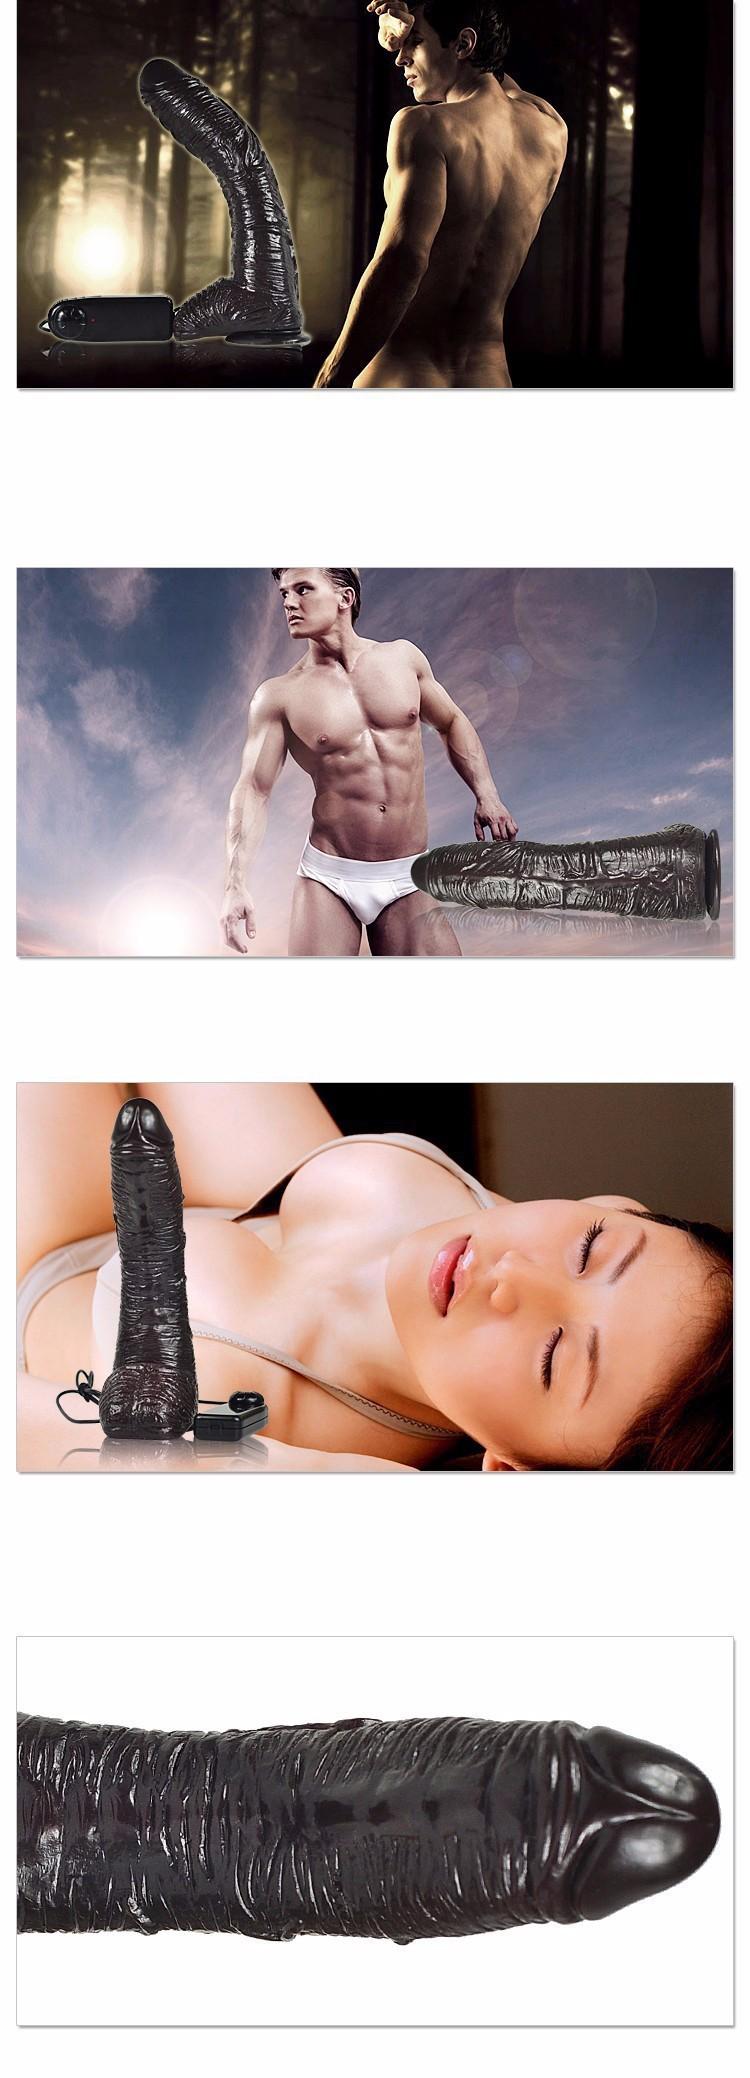 Penis Tempel Getar Negro Alat Sex Toys Wanita murah jakarta